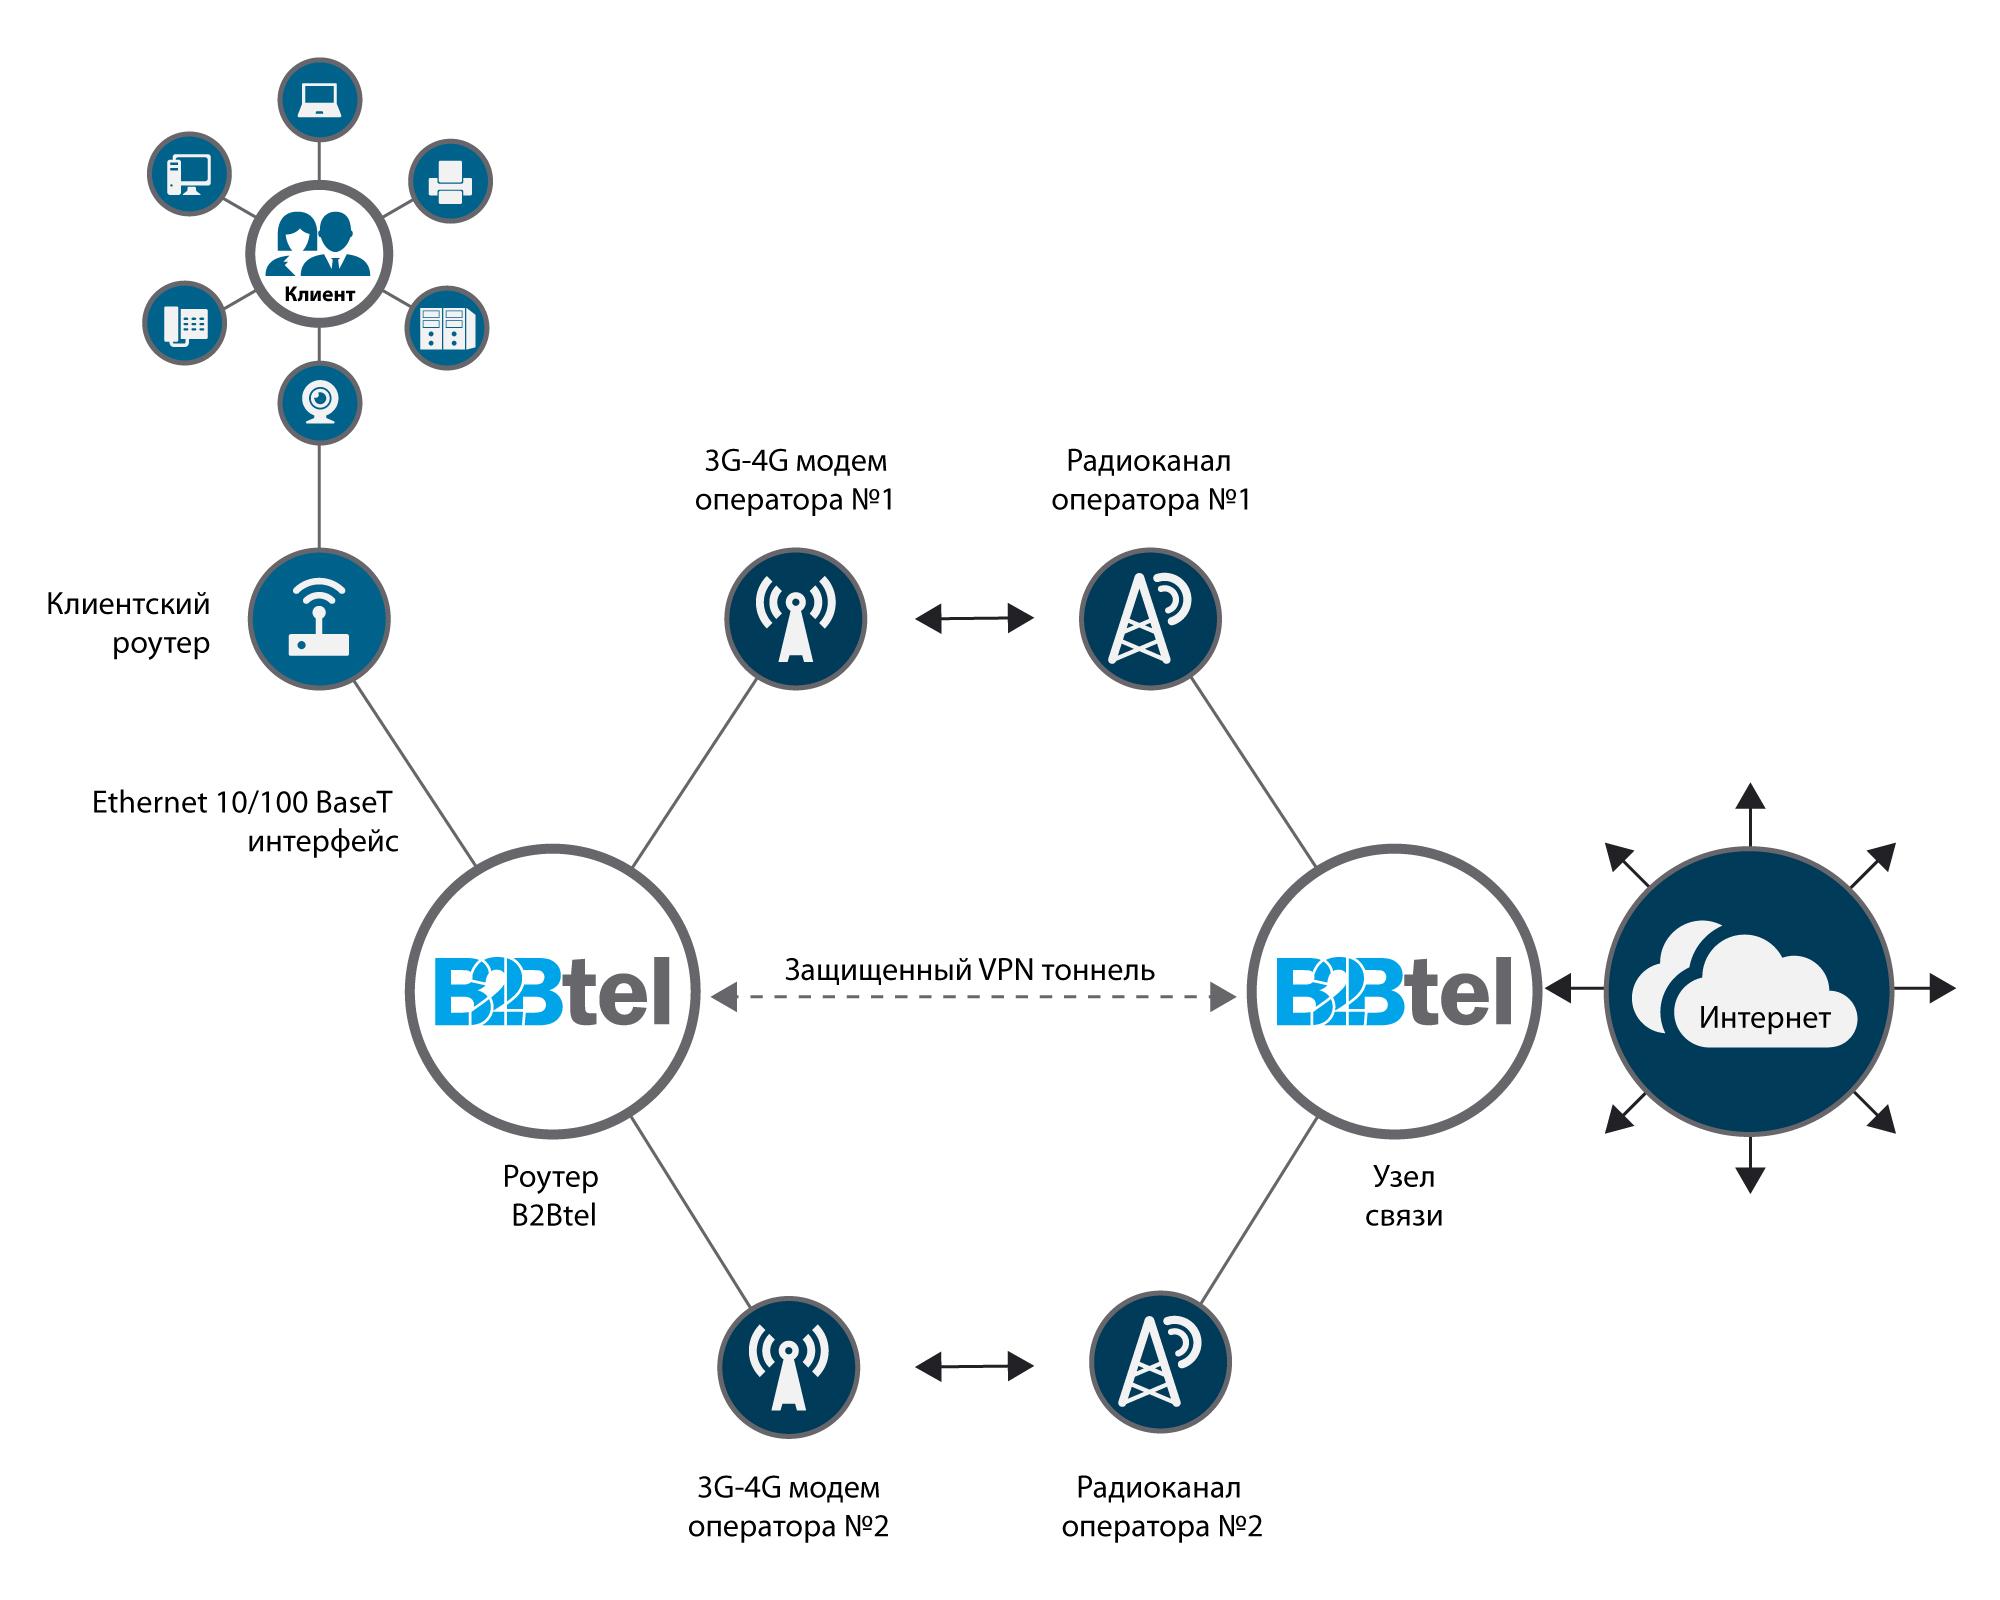 Принцип работы беспроводного интернета B2Btel